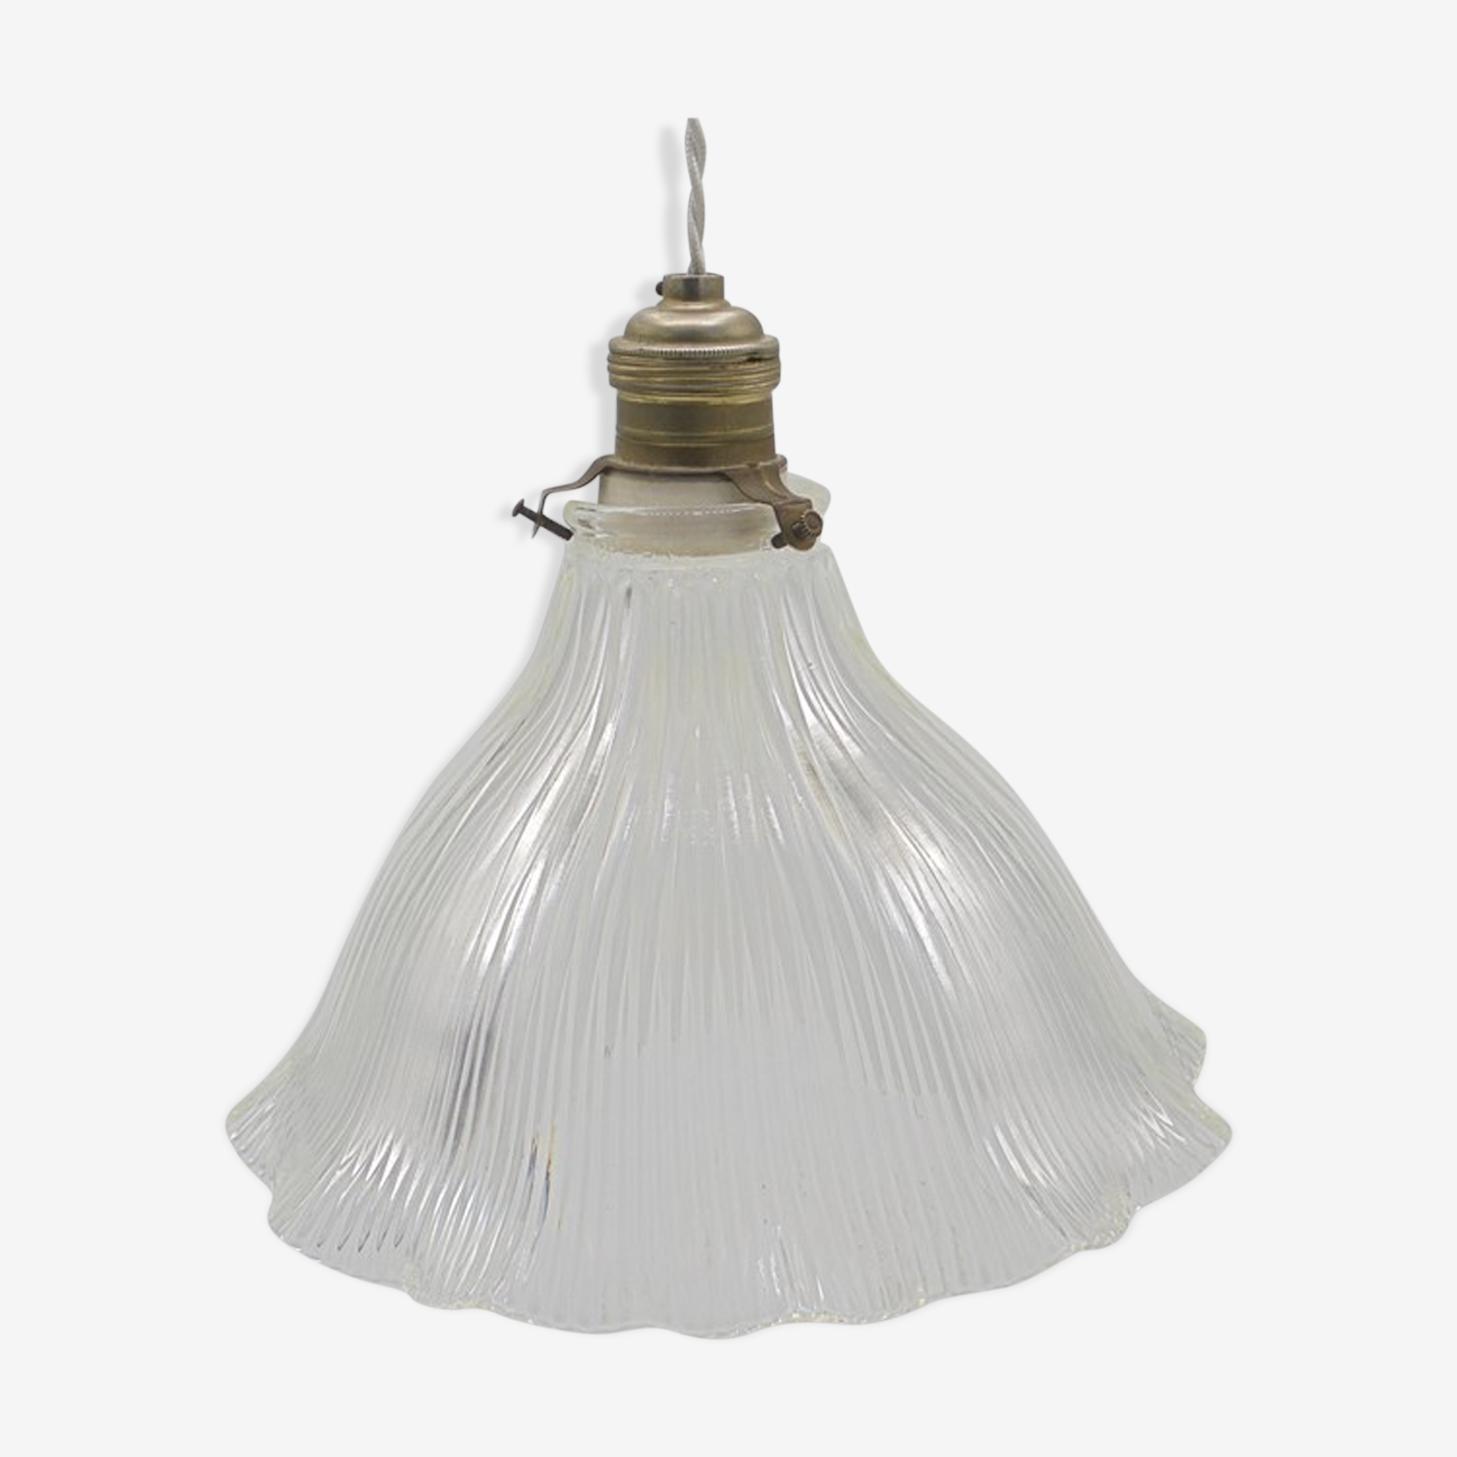 Holophane hanging lamp